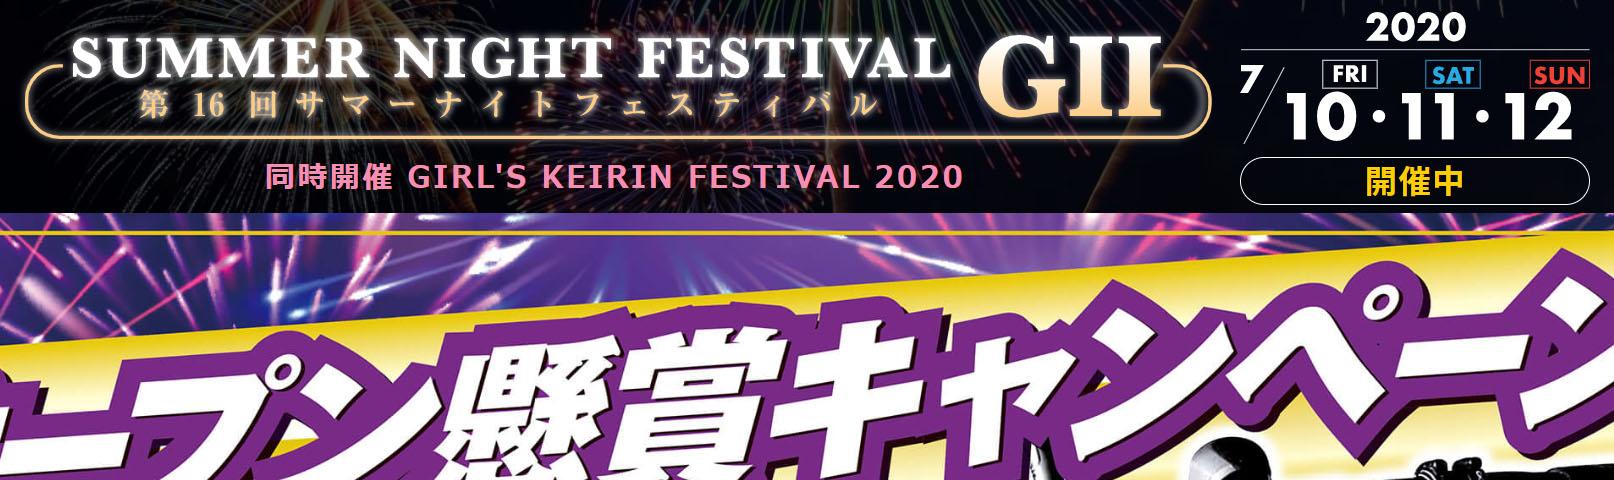 G2サマーナイトフェスティバル